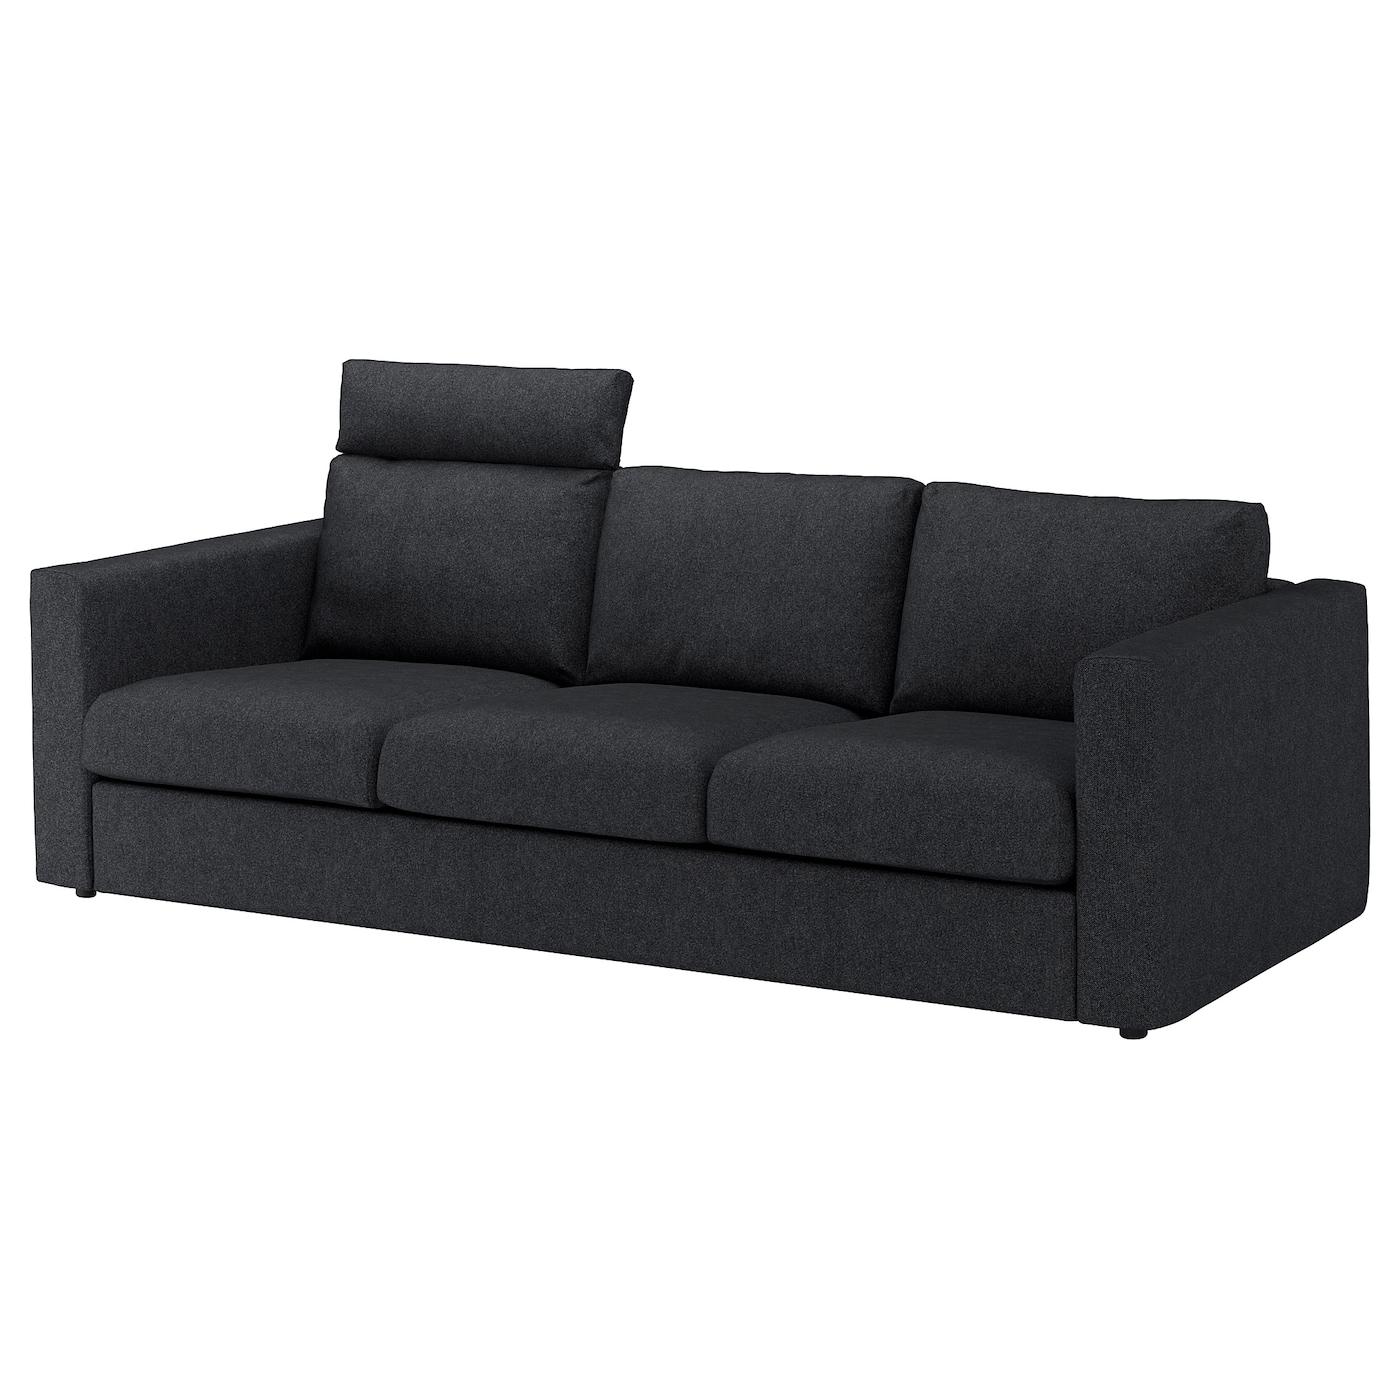 IKEA VIMLE Sofa 3-osobowa, z zagłówkiem, Tallmyra czarny/szary